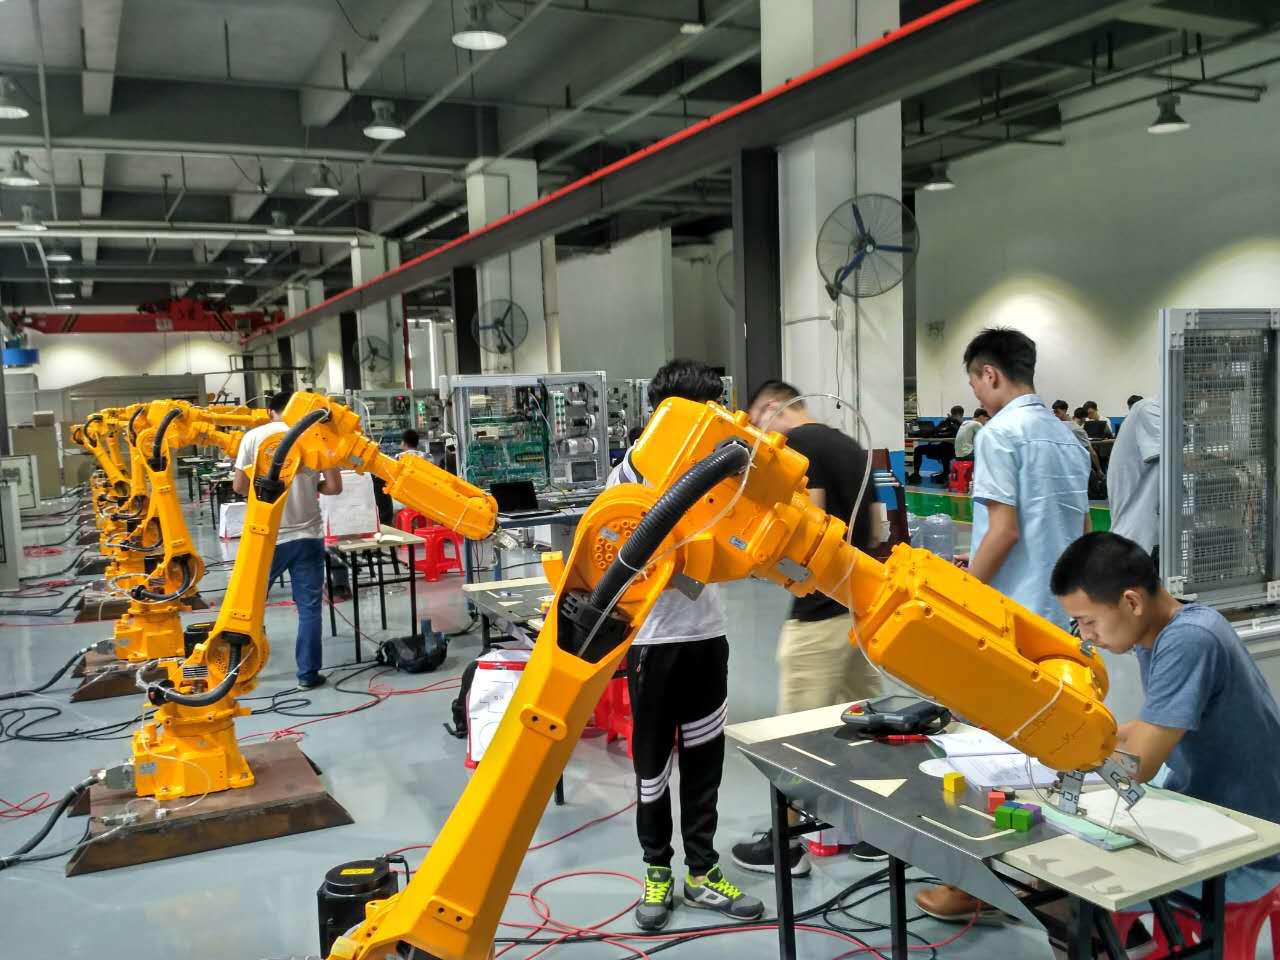 想找东莞工业机器人培训机构的请看过来